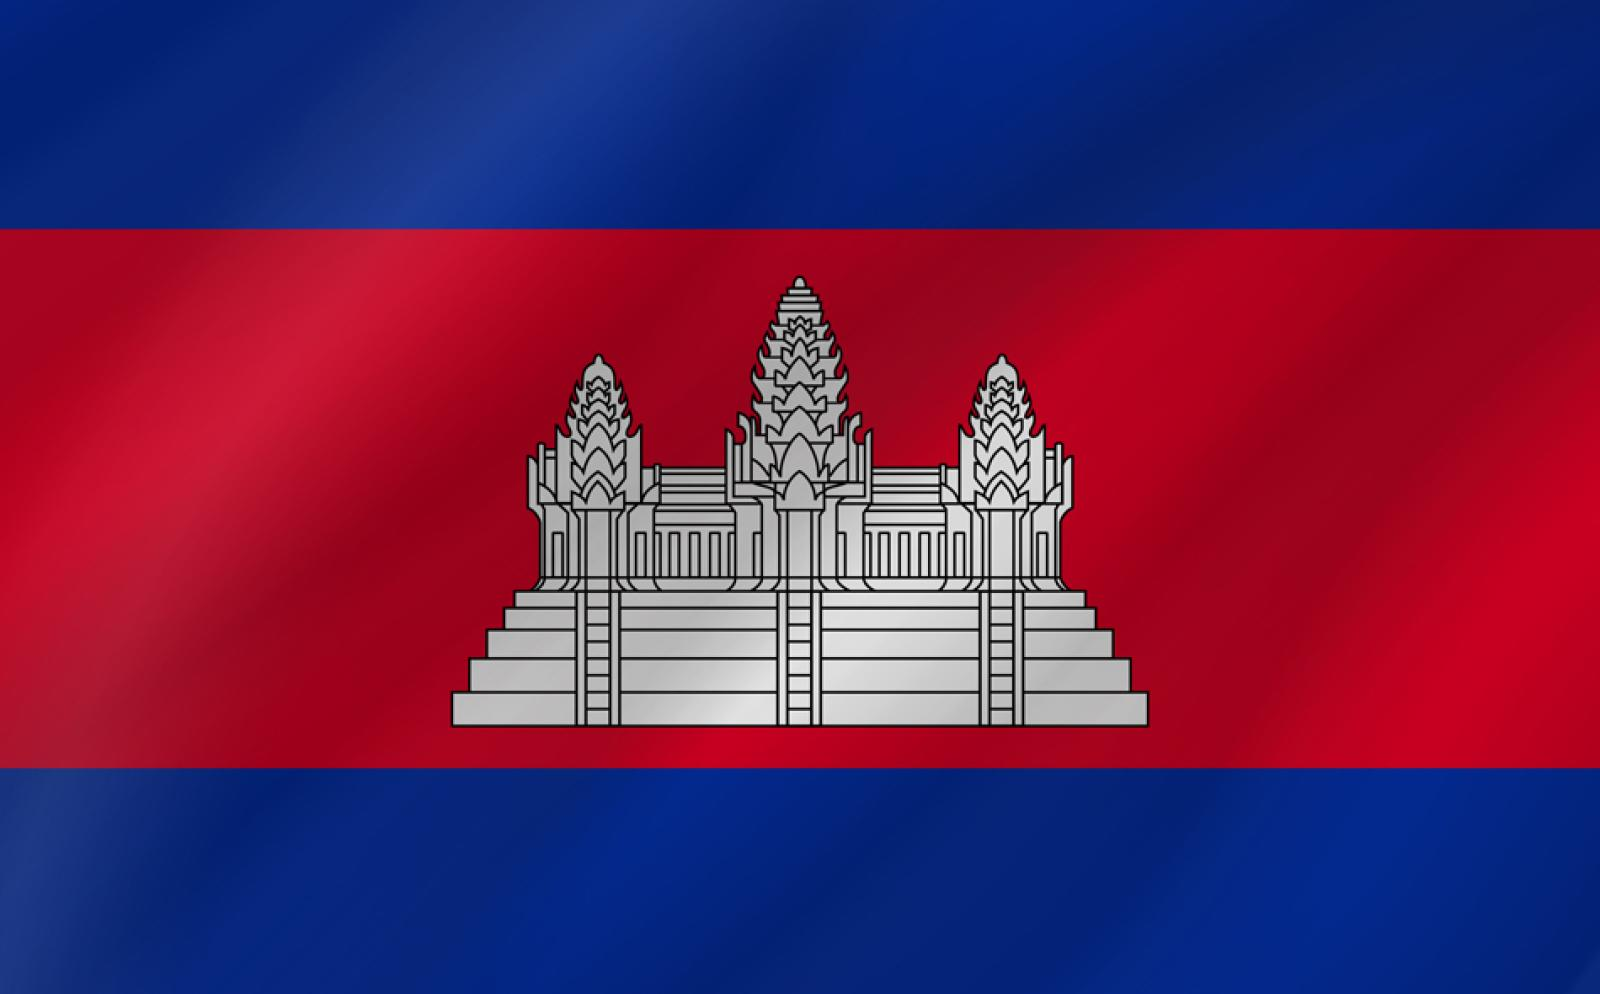 カンボジアの国旗